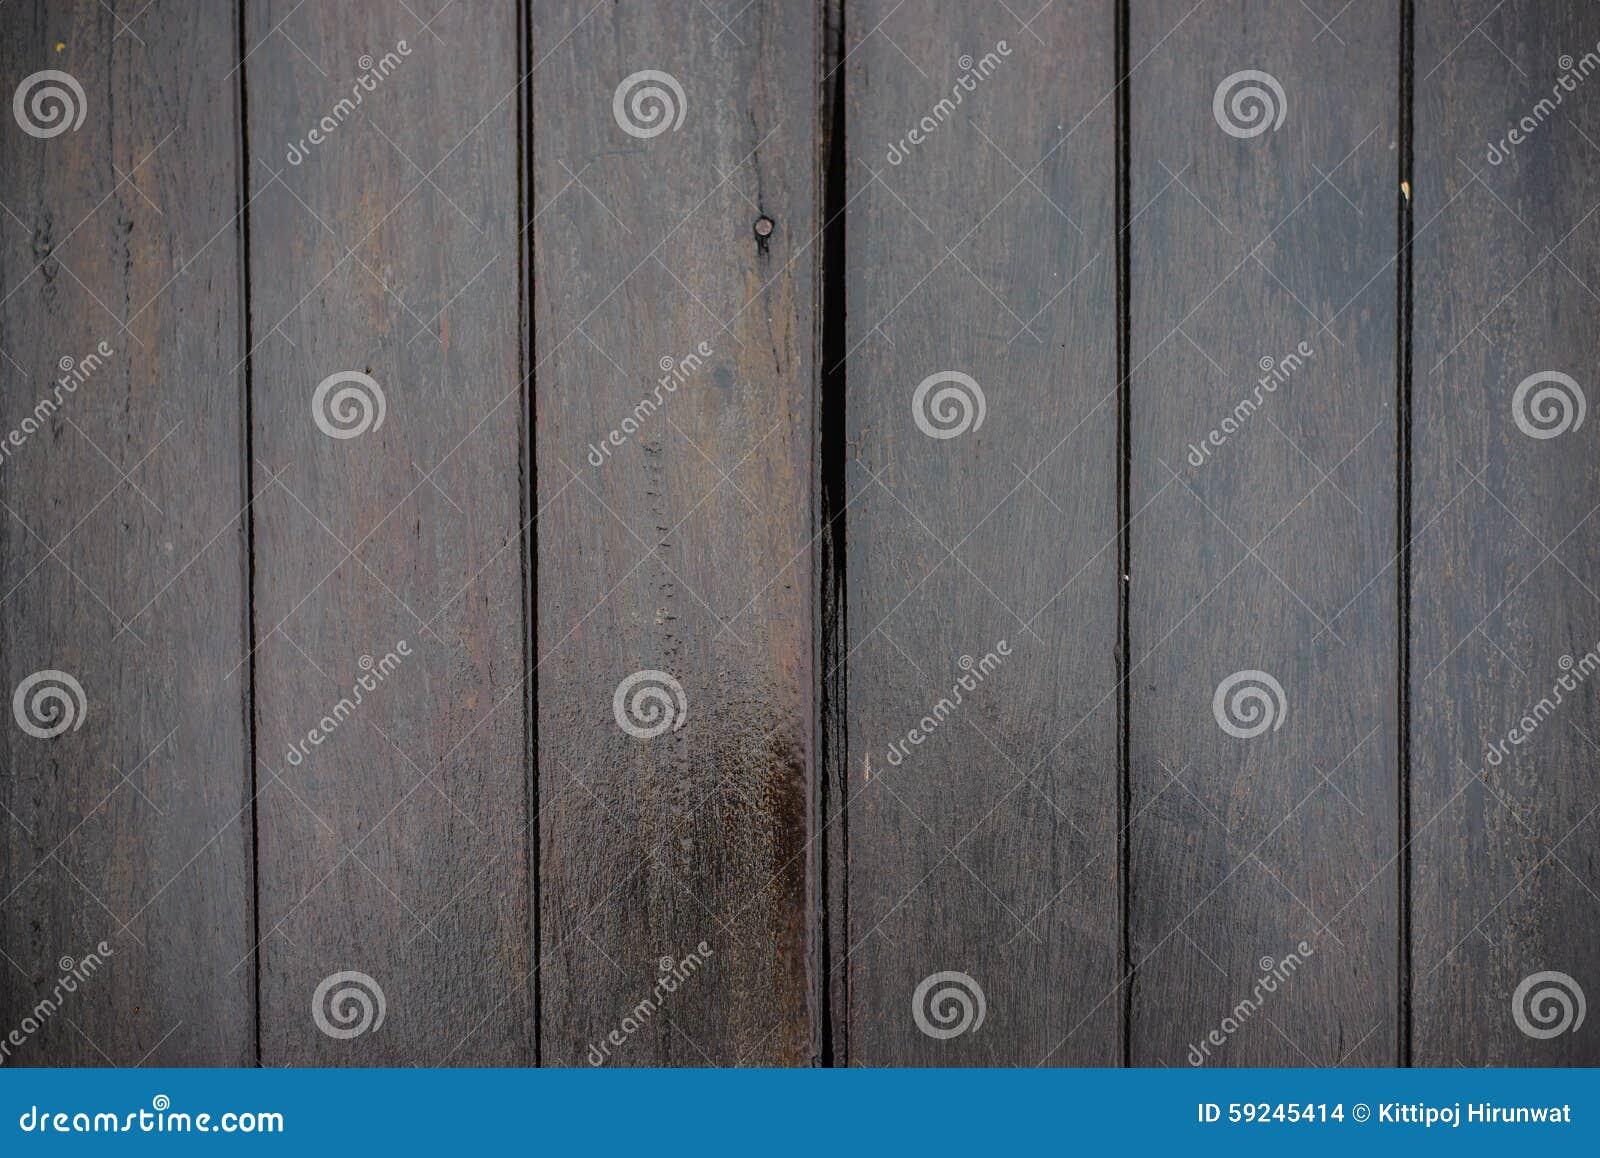 Pisos de madera mojados